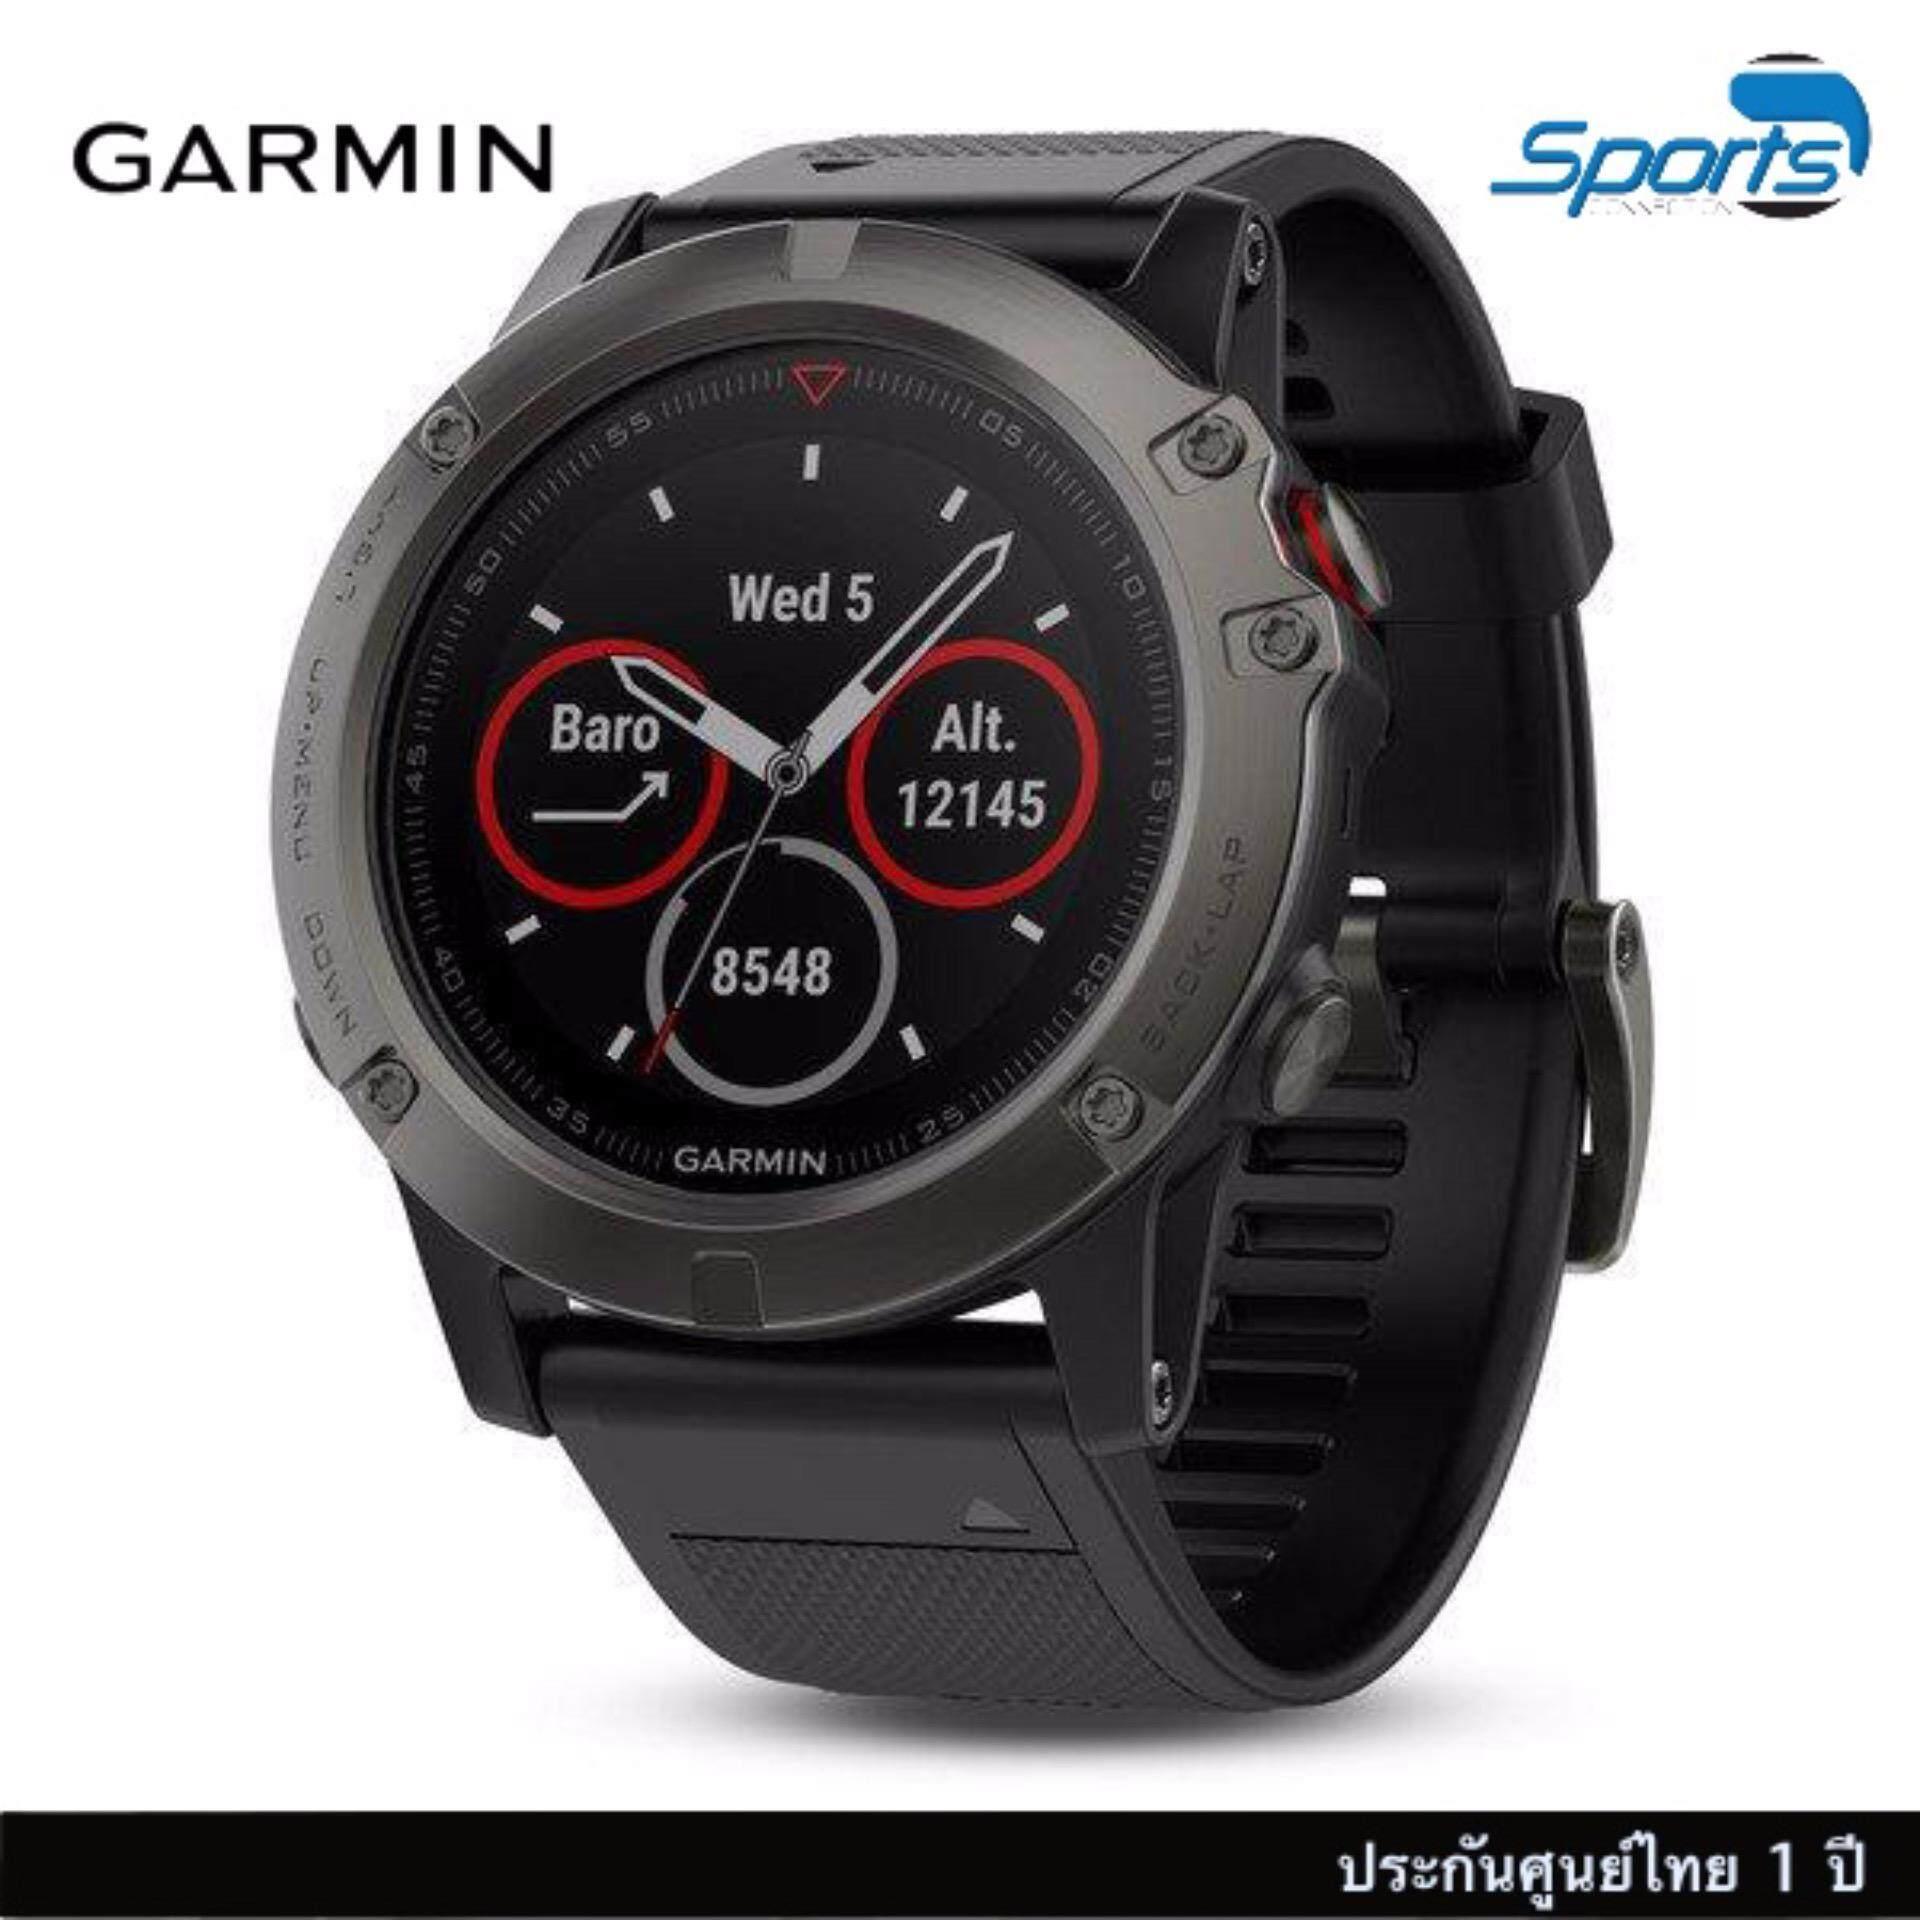 สอนใช้งาน  แพร่ Garmin  5X Slate Gray Sapphire with Black Band นาฬิกาข้อมือ GPS มัลติสปอร์ตพร้อมคำแนะนำแผนที่สีสันครบถ้วน